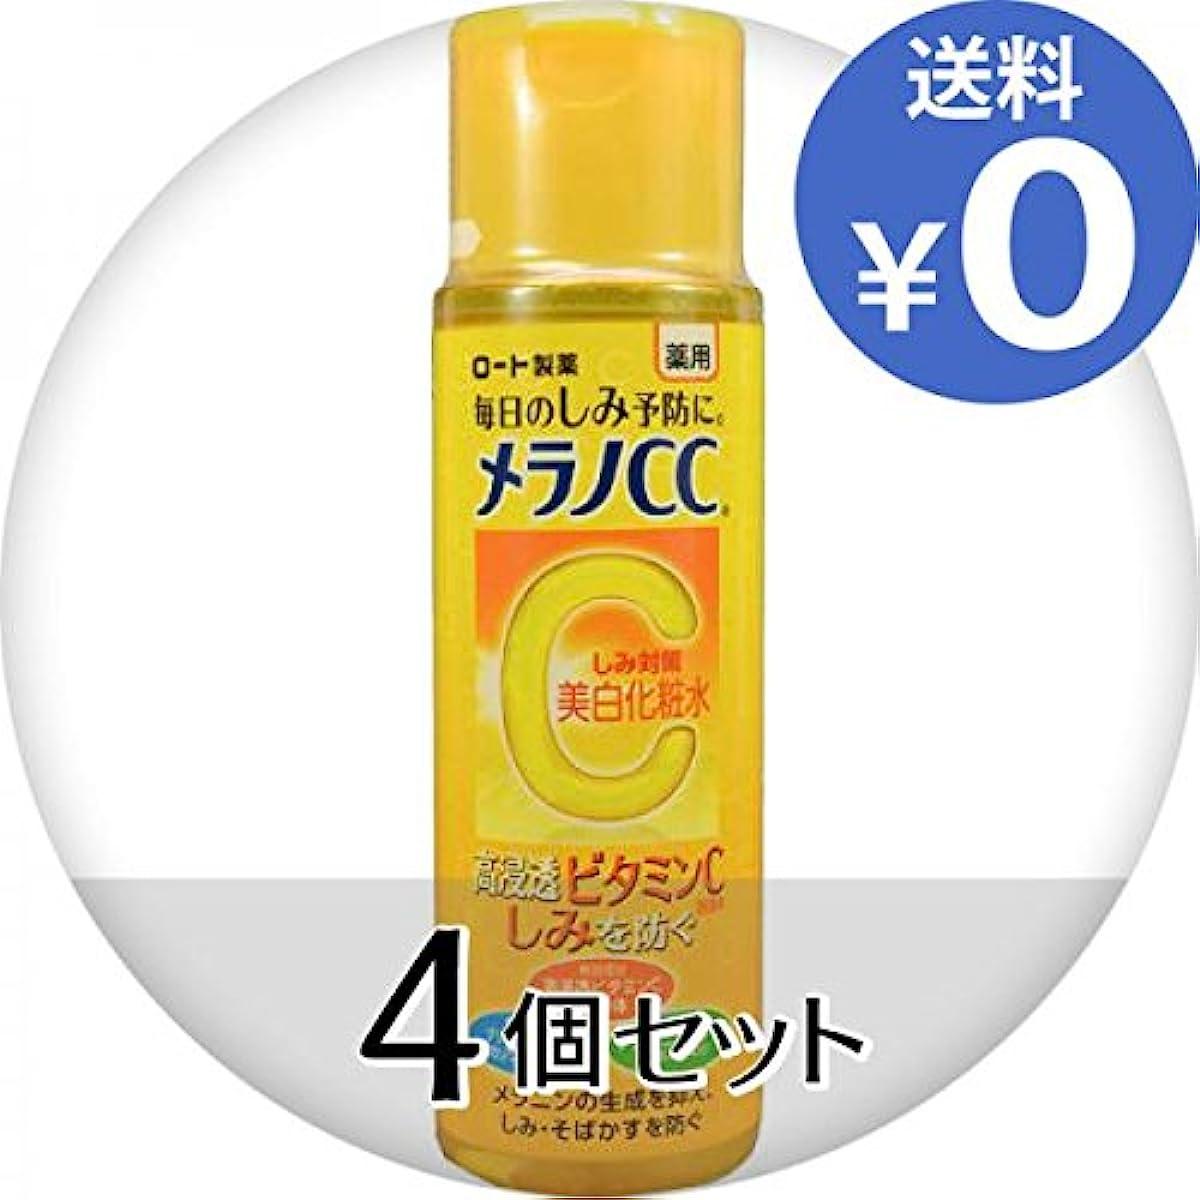 アプローチ何故なの再開【セット品】メラノCC 薬用しみ対策 美白化粧水 170mL (医薬部外品) (4個)